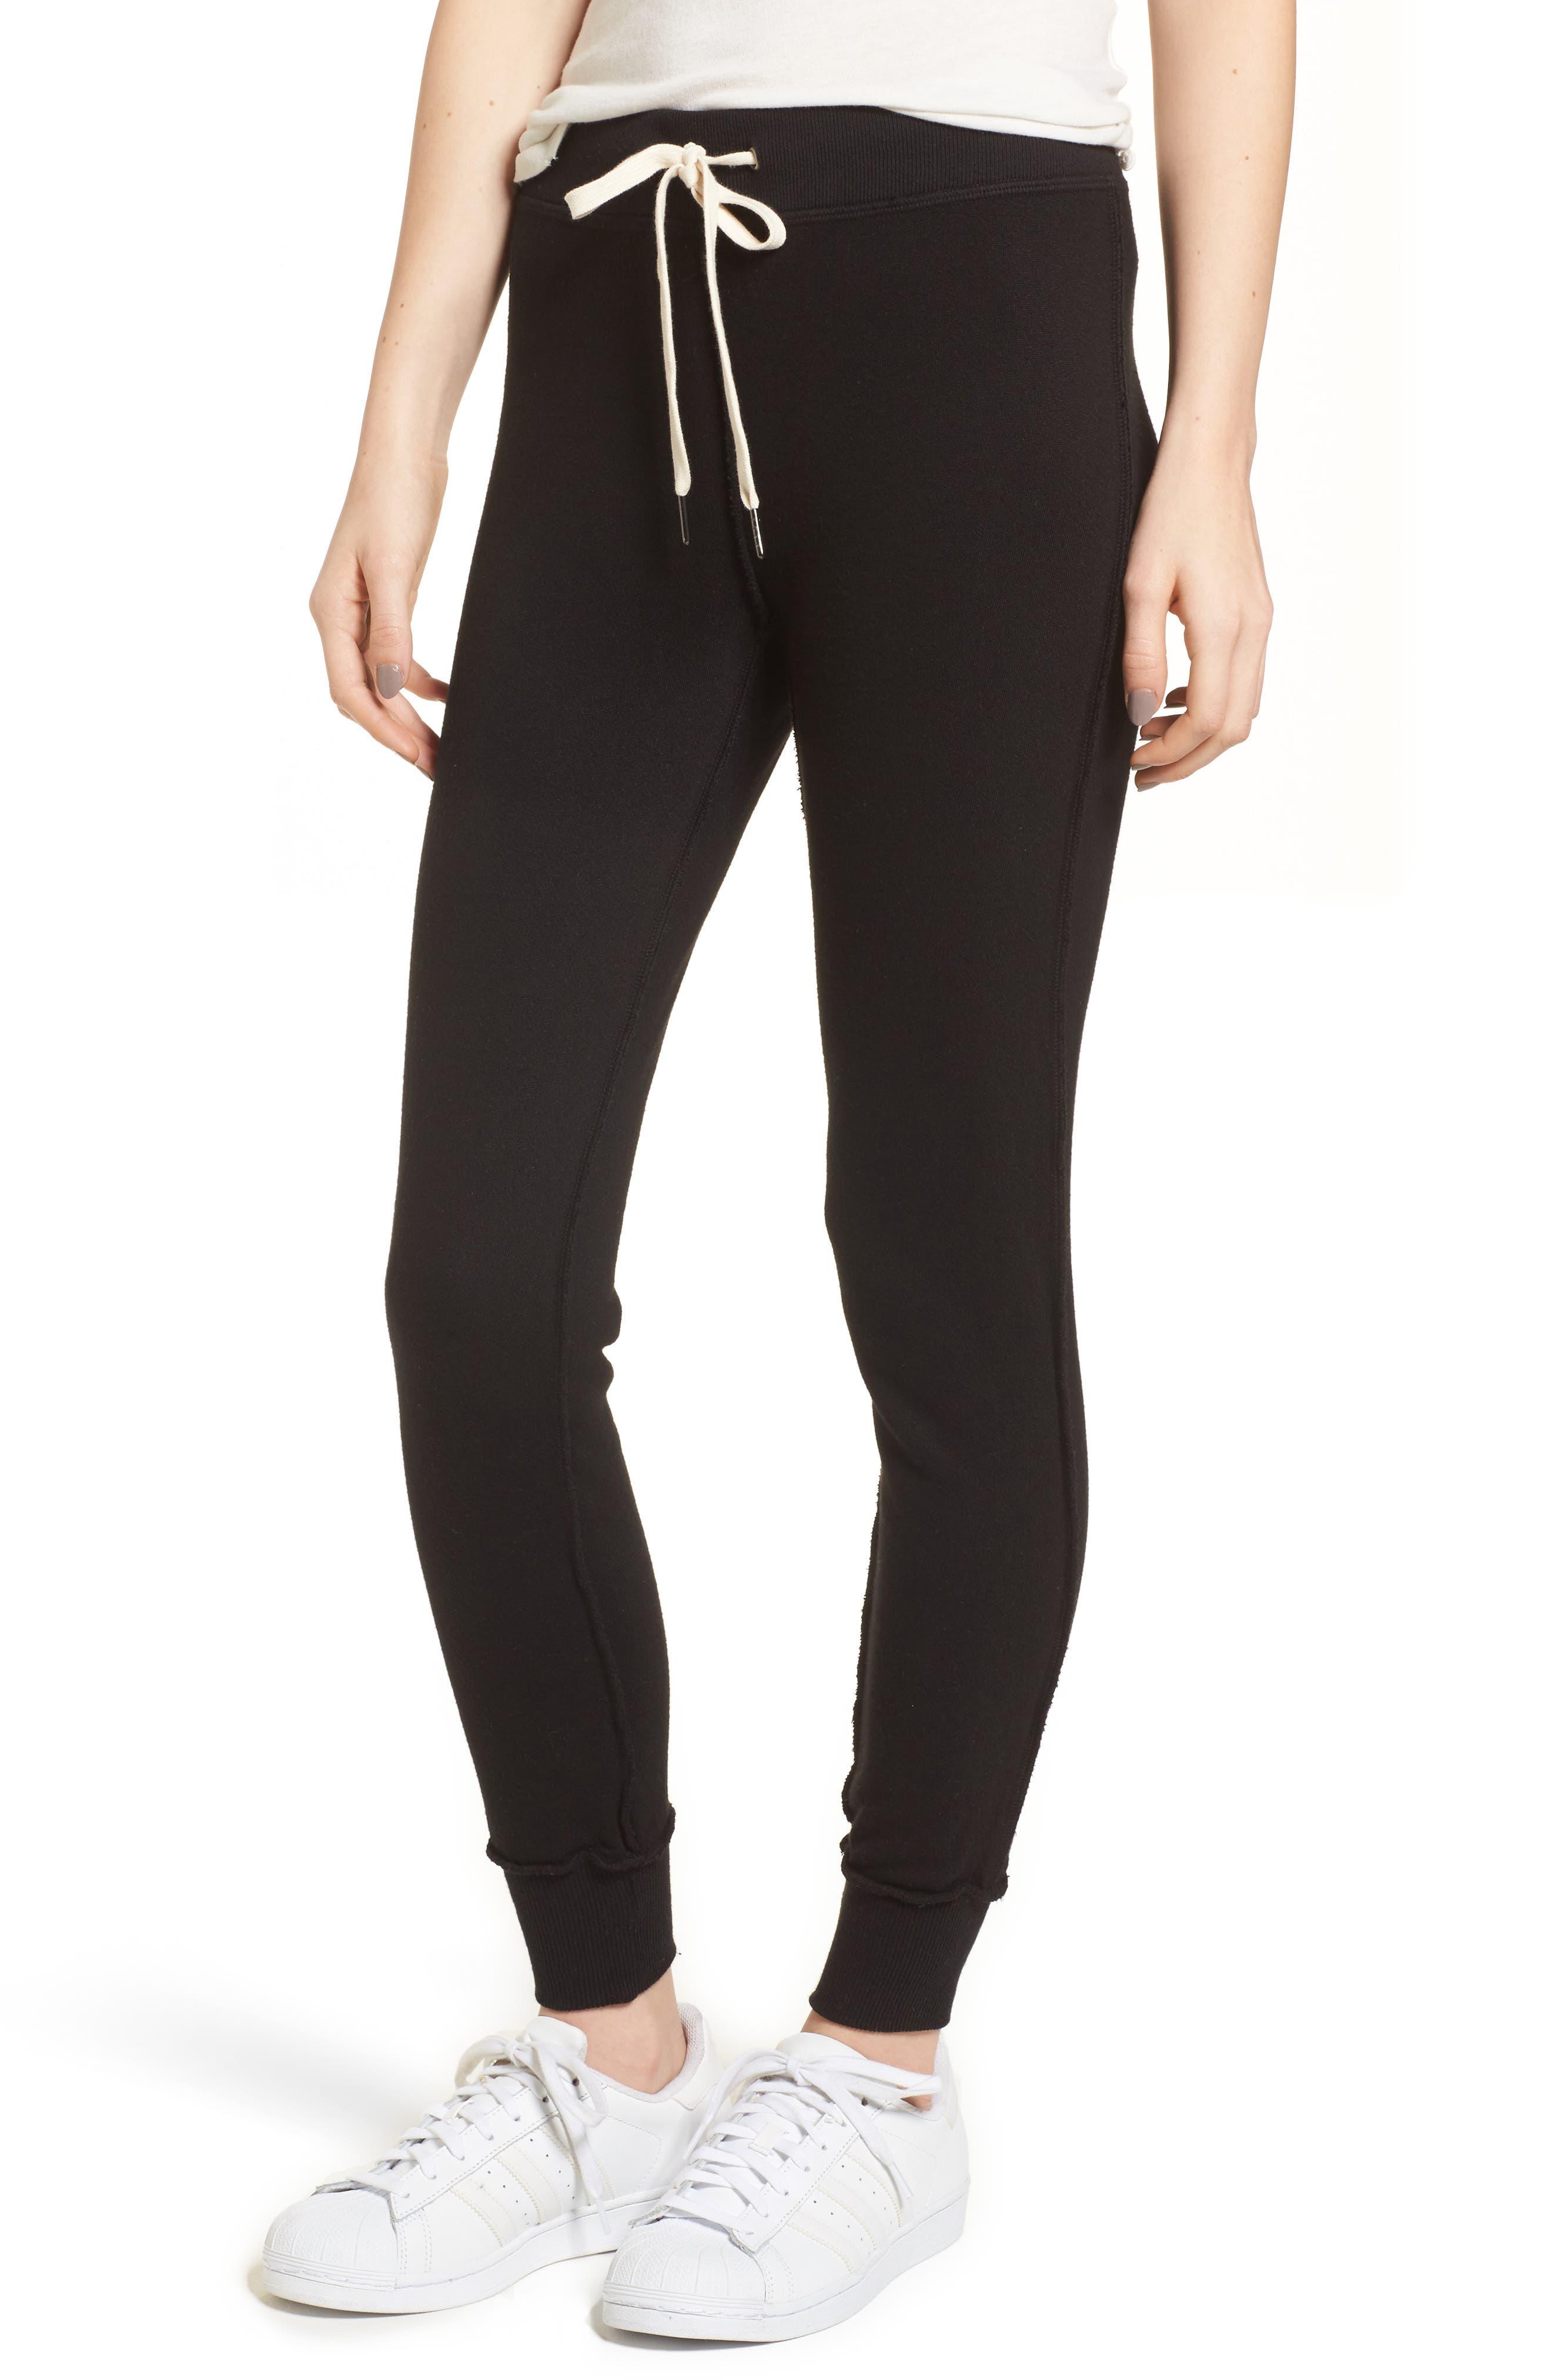 Tracker Jogger Pants,                         Main,                         color, Black Cat